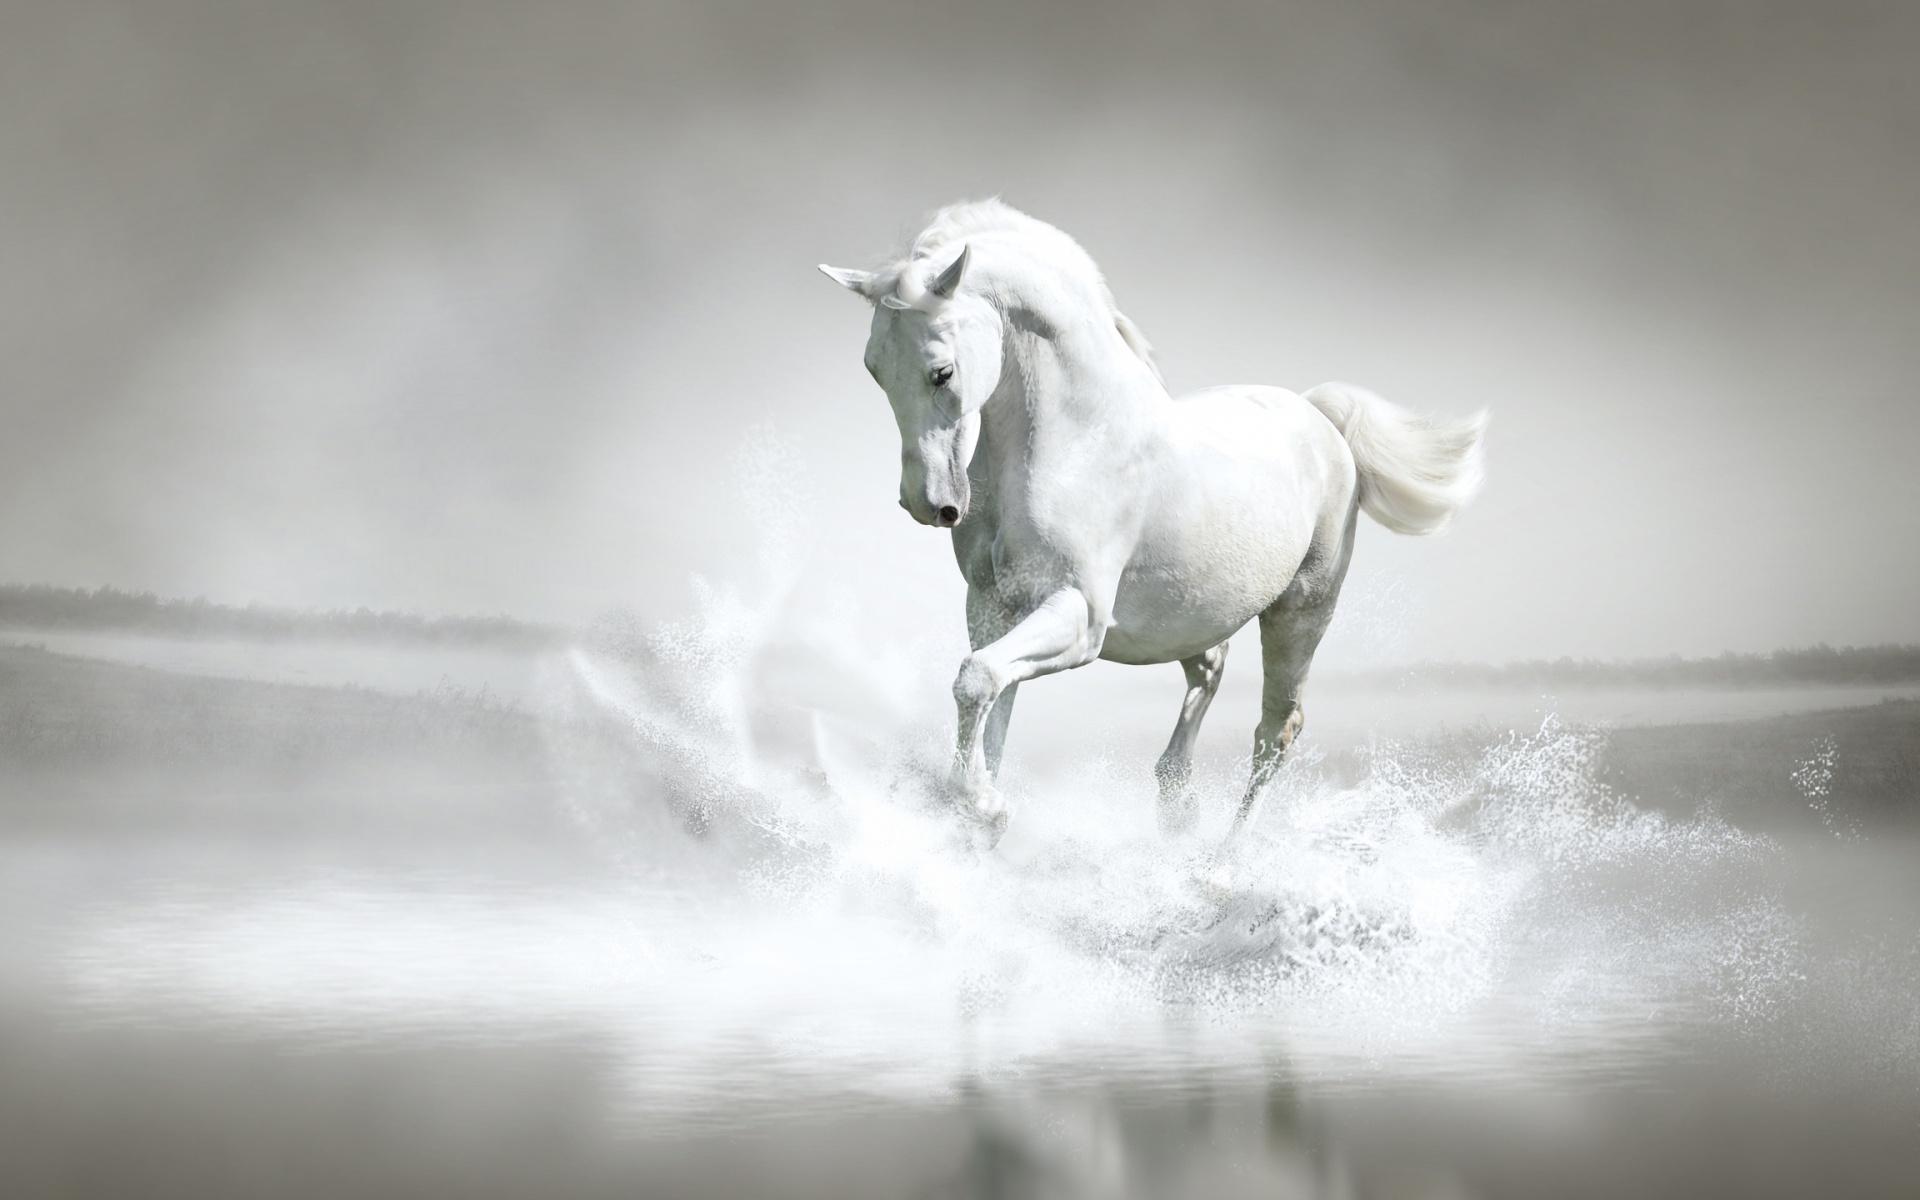 Stunning White Horse Animals Photo 34914984 Fanpop